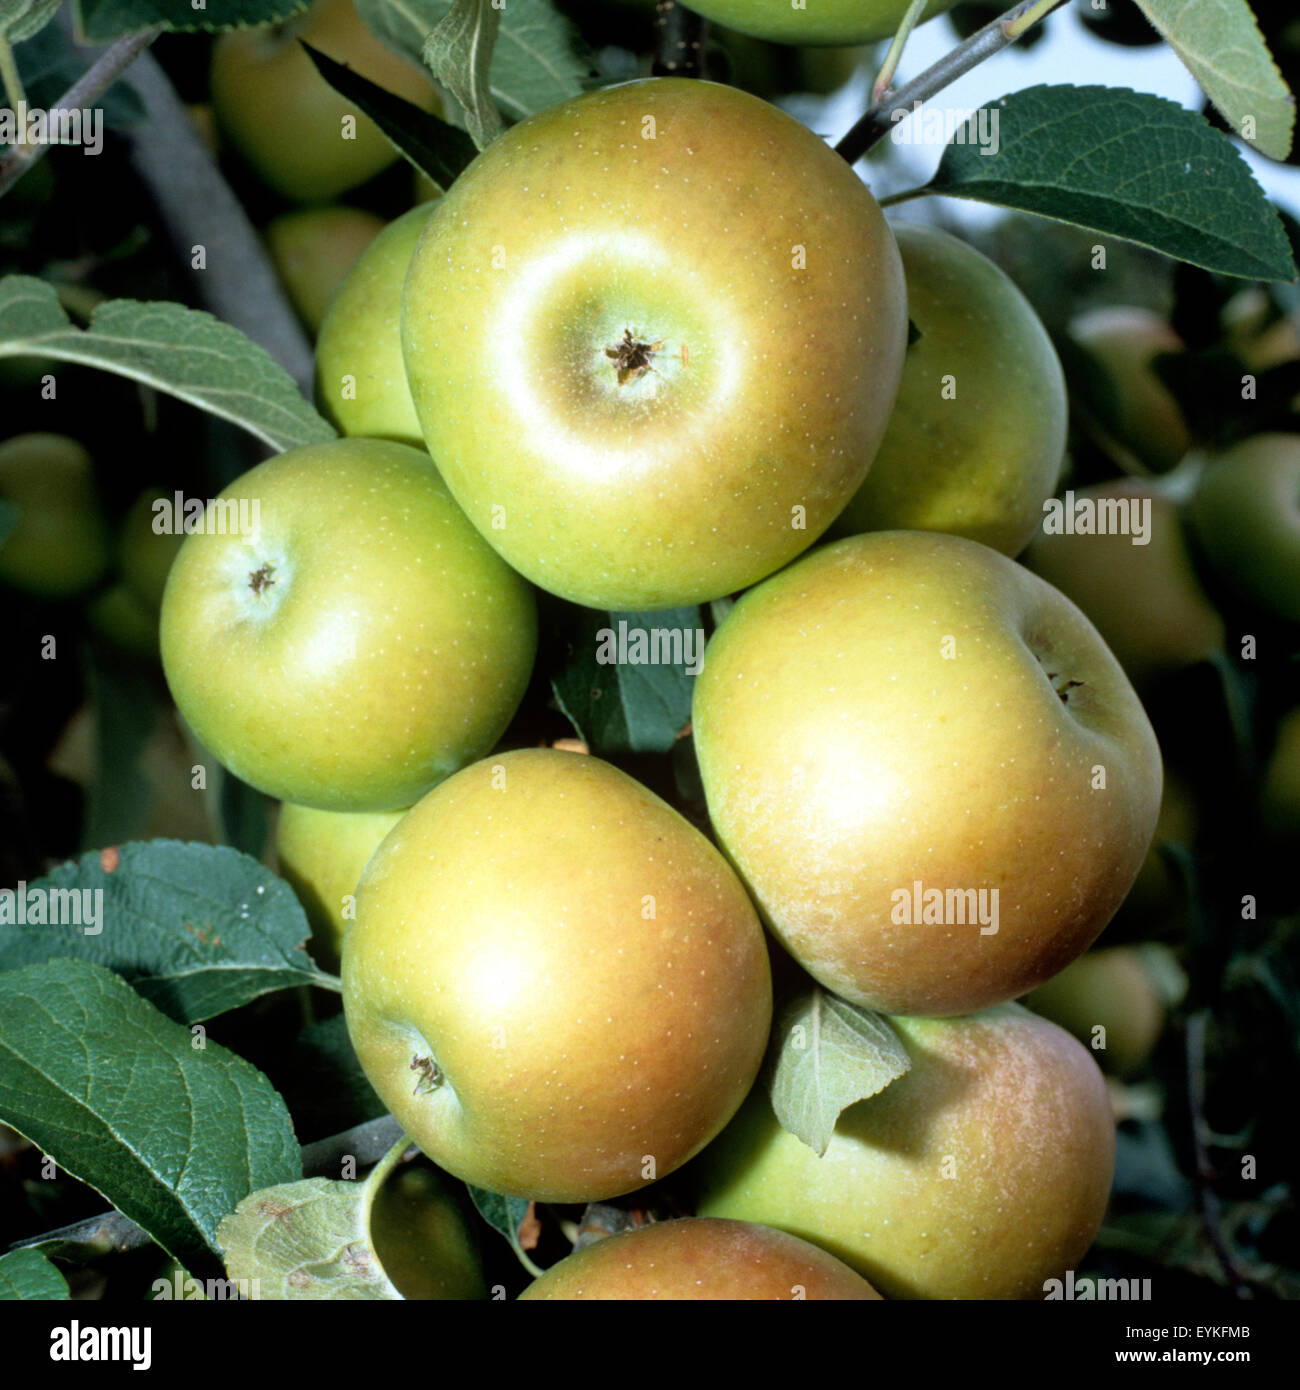 Geheimrat Wesener; Apfelsorte, Apfel, Kernobst, Obst, Stock Photo